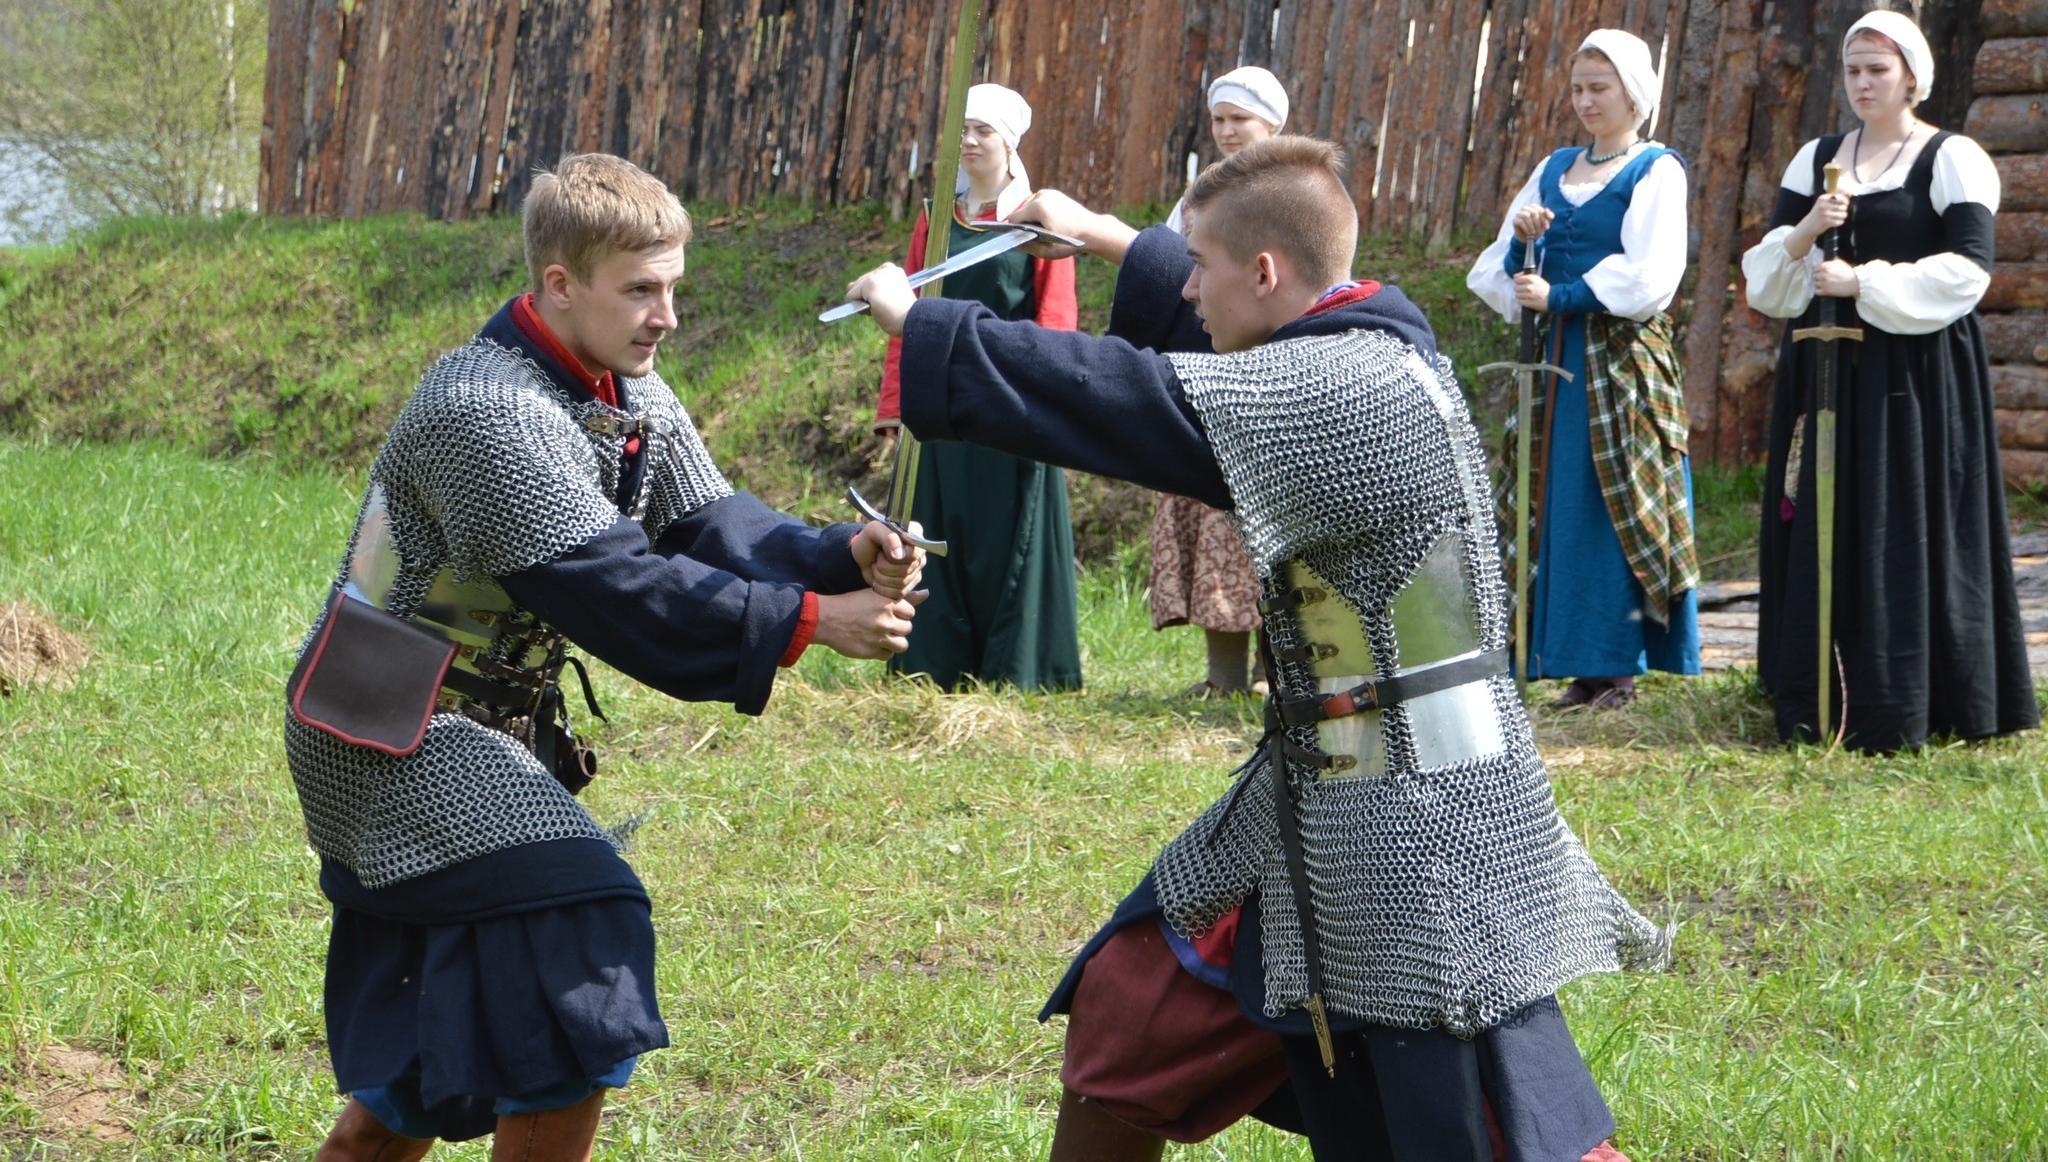 Жителям Твери предлагают побывать в средневековье и увидеть бои рыцарей и богатырей - новости Афанасий